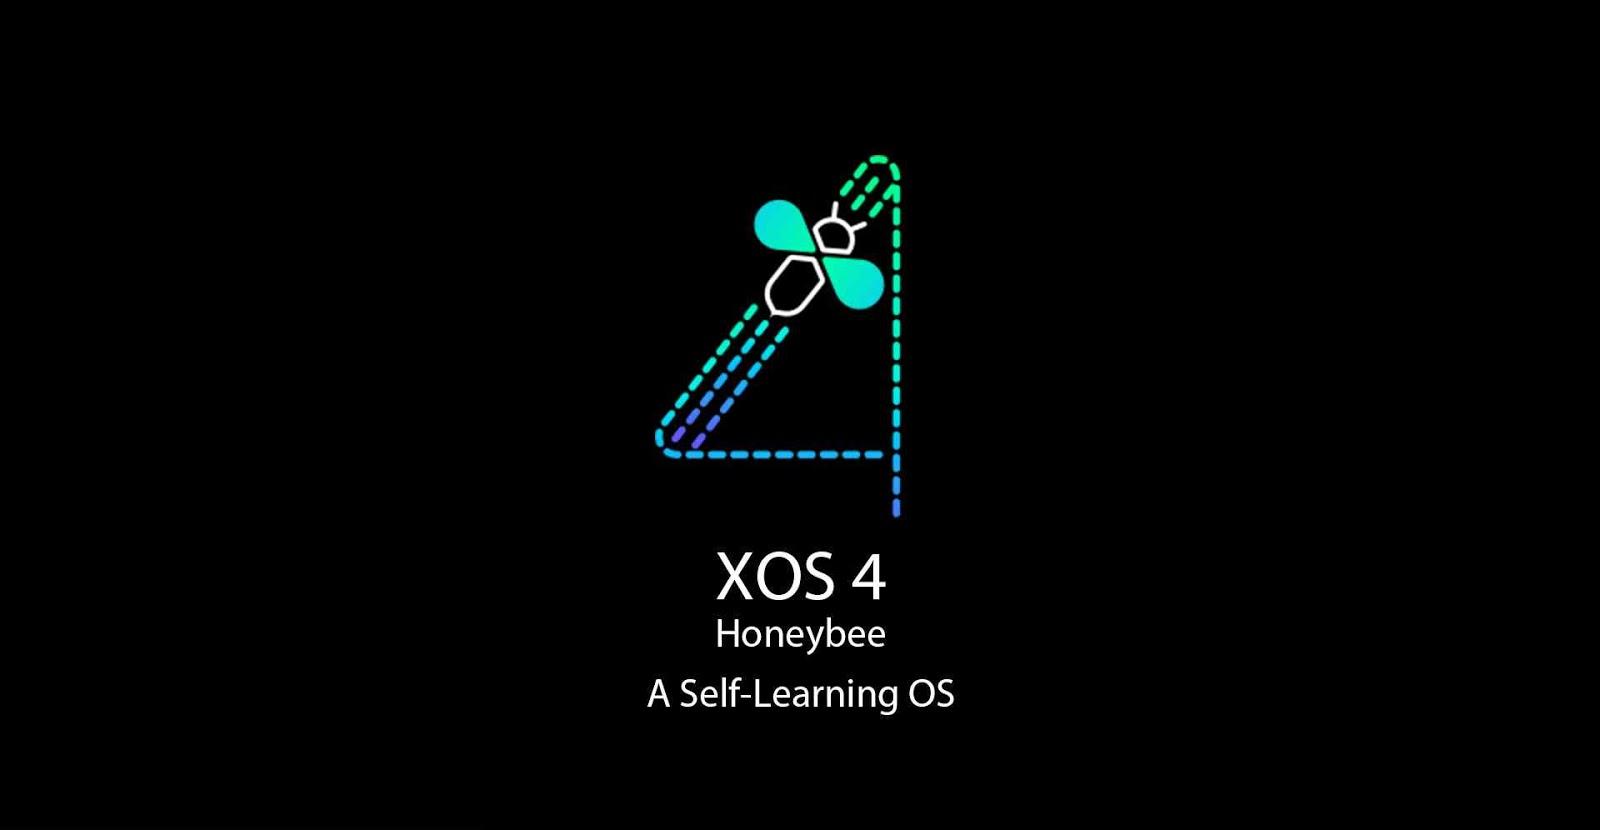 Infinix XOS 4 Honeybee latest update